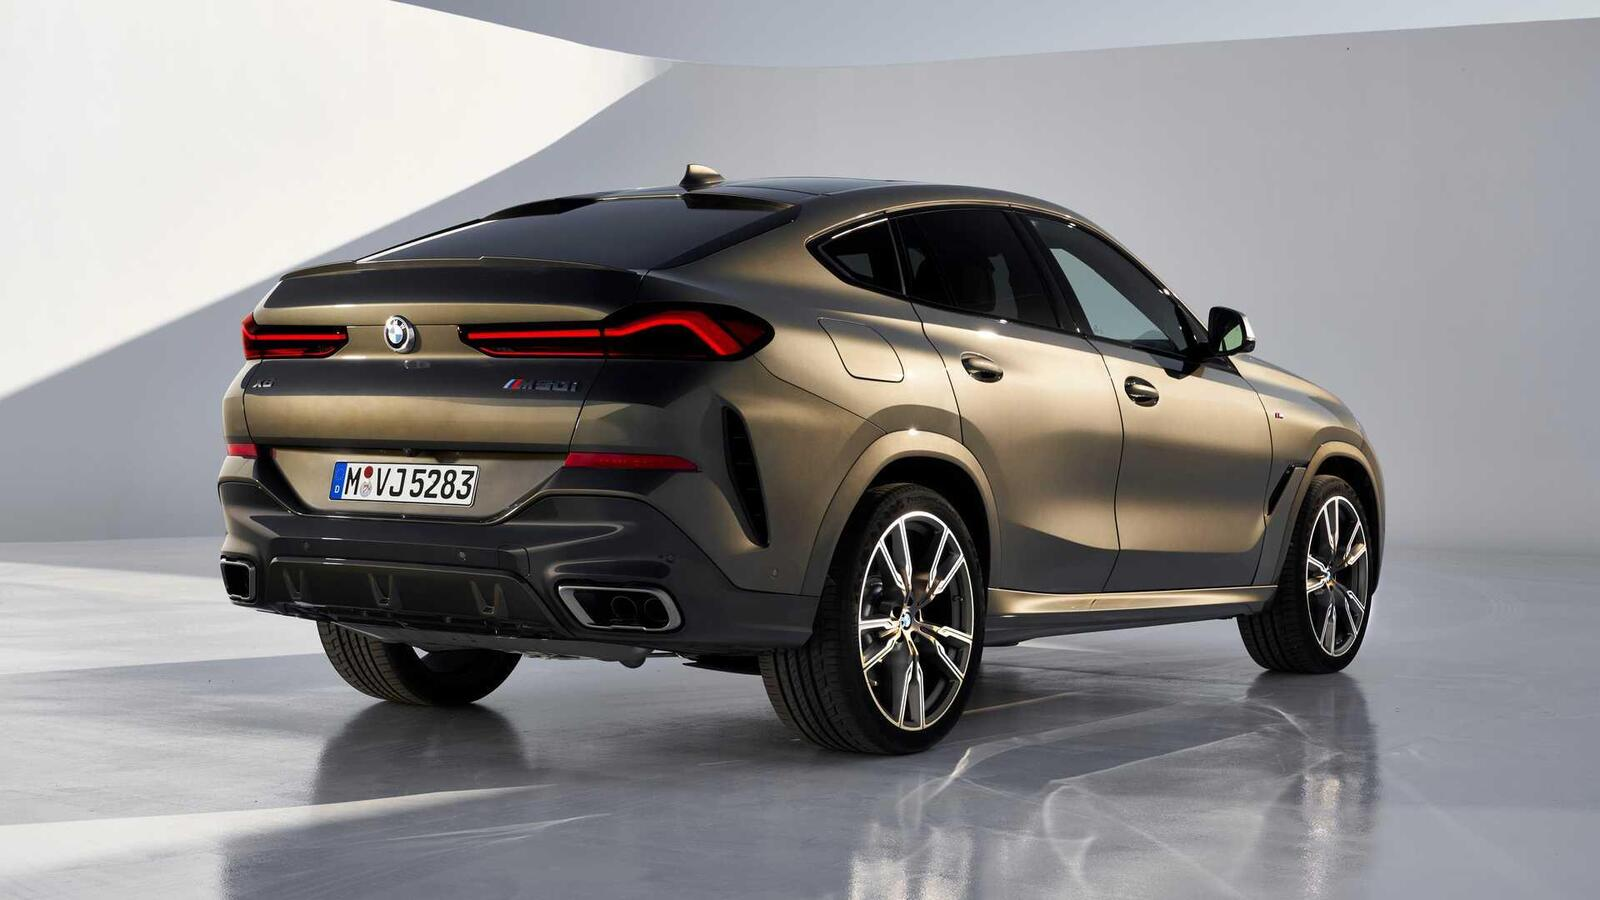 Thế hệ mới BMW X6 2020 chính thức ra mắt - Hình 11